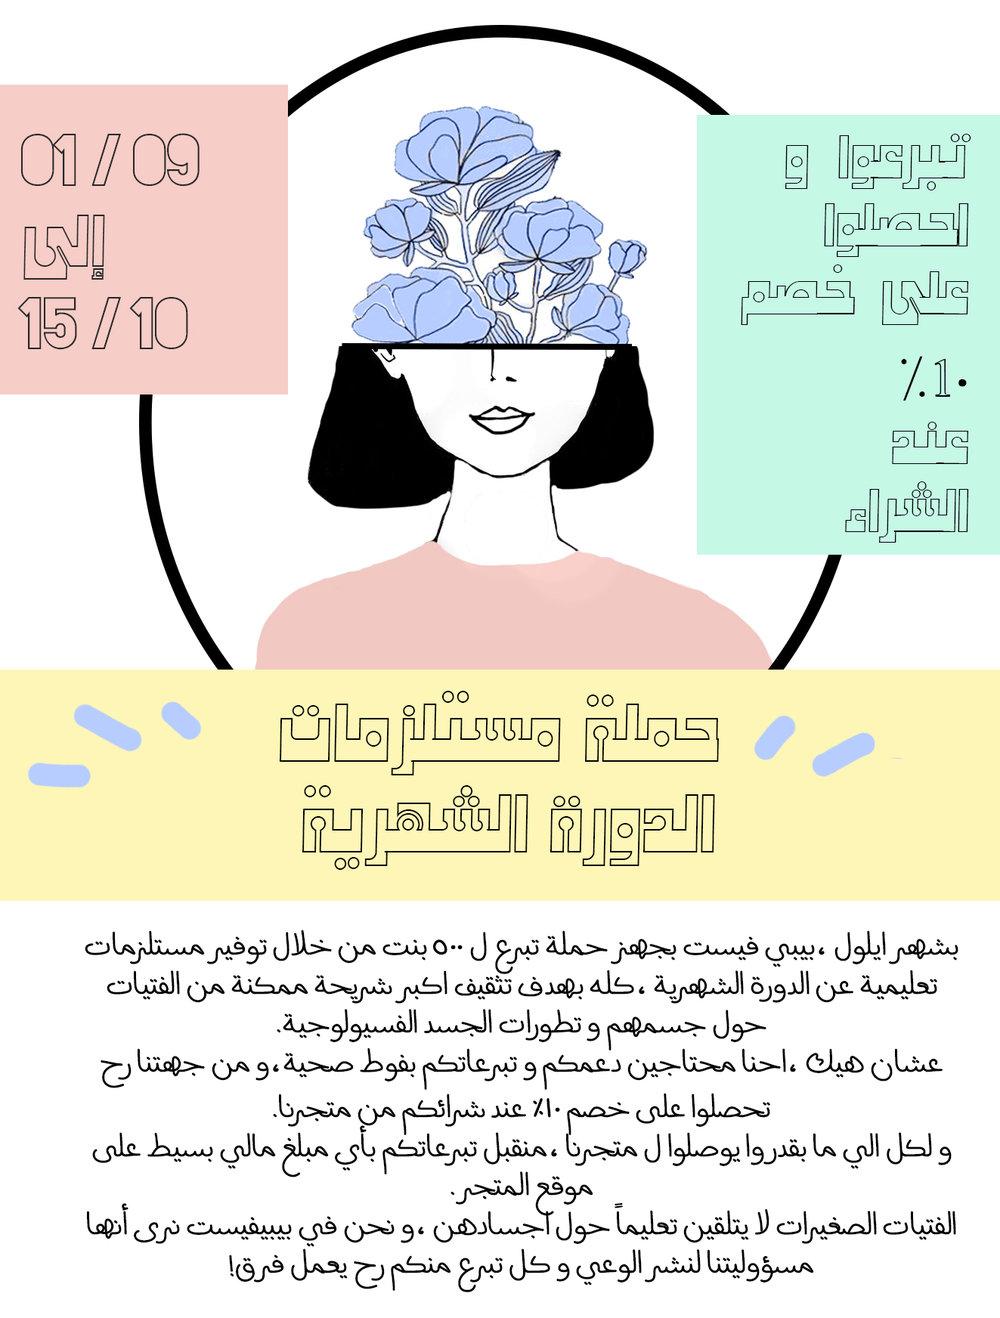 mek_arabic.jpg